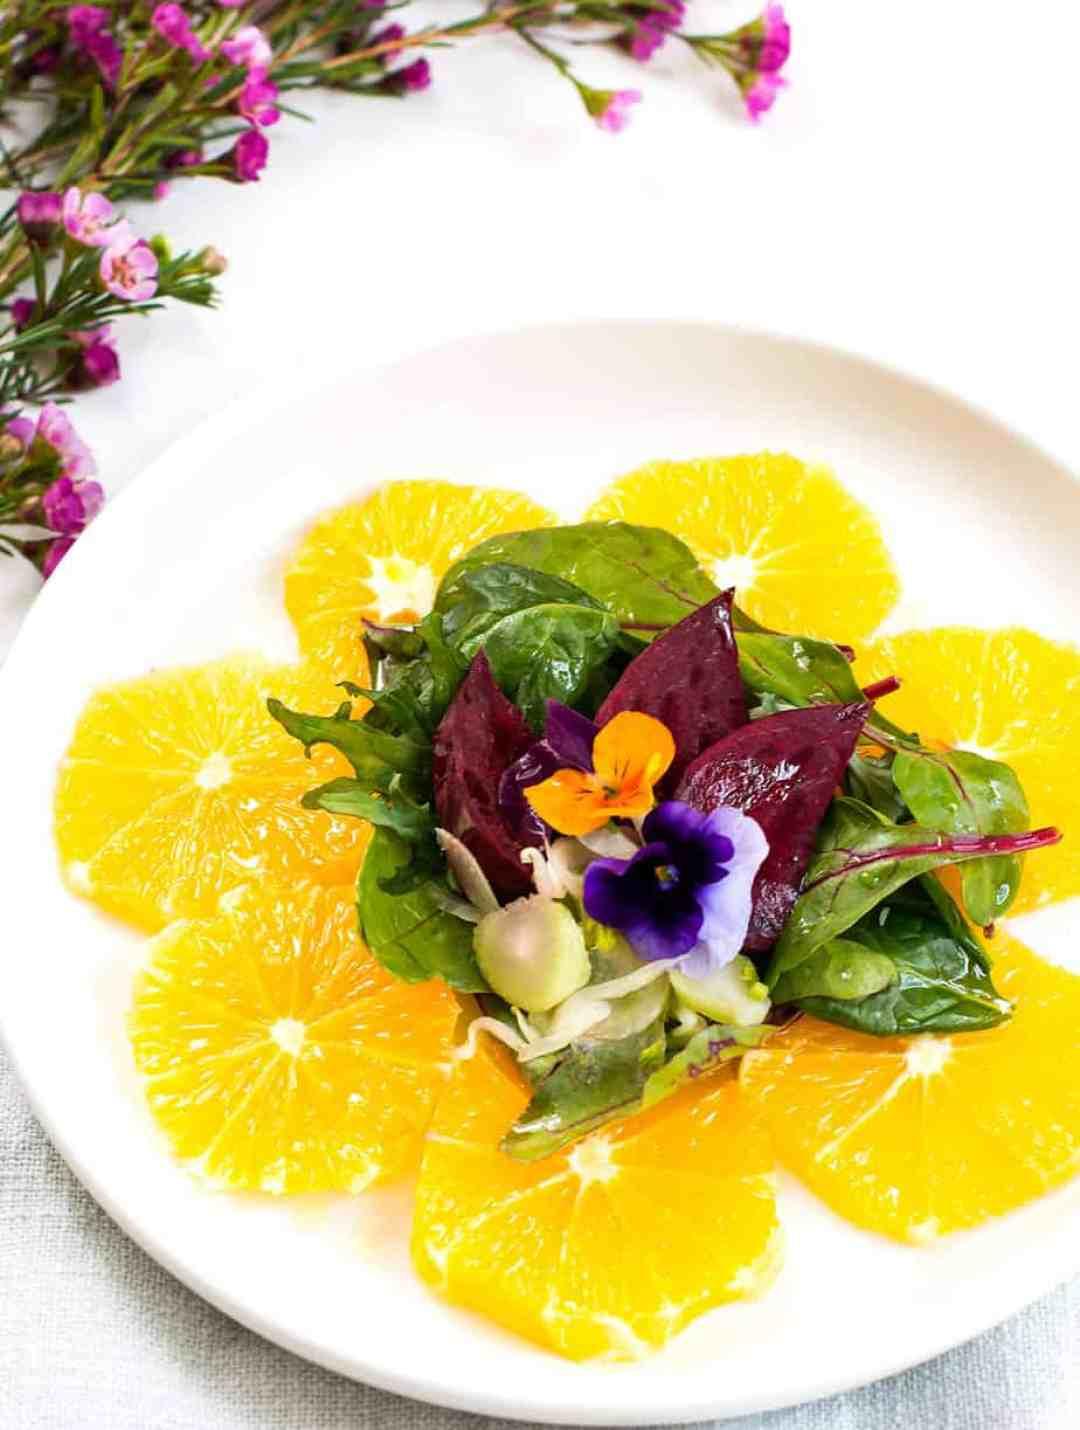 orange-fennel-salad-recipe